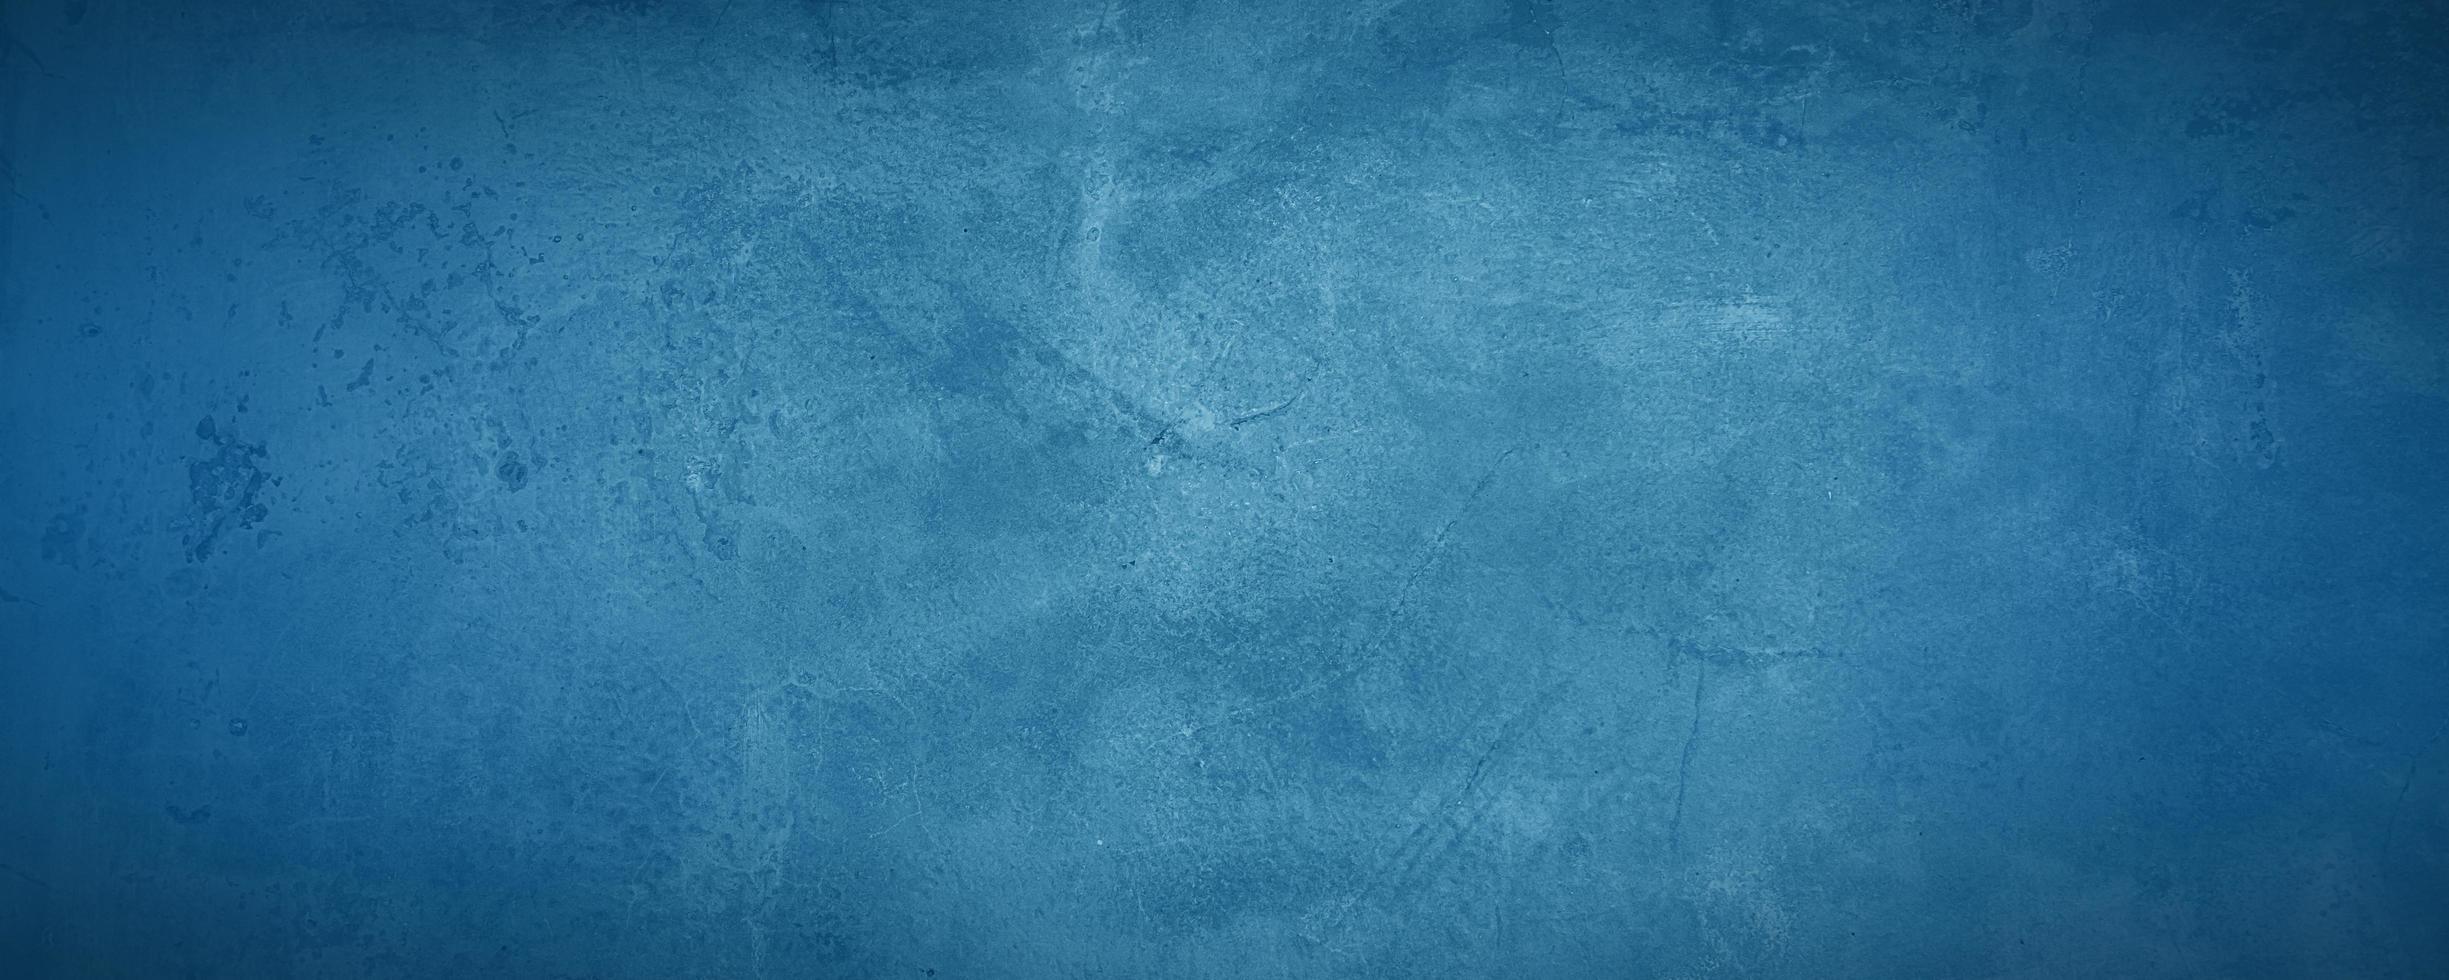 mörk och blå konkret och cementvägg för att presentera produkt och bakgrund foto